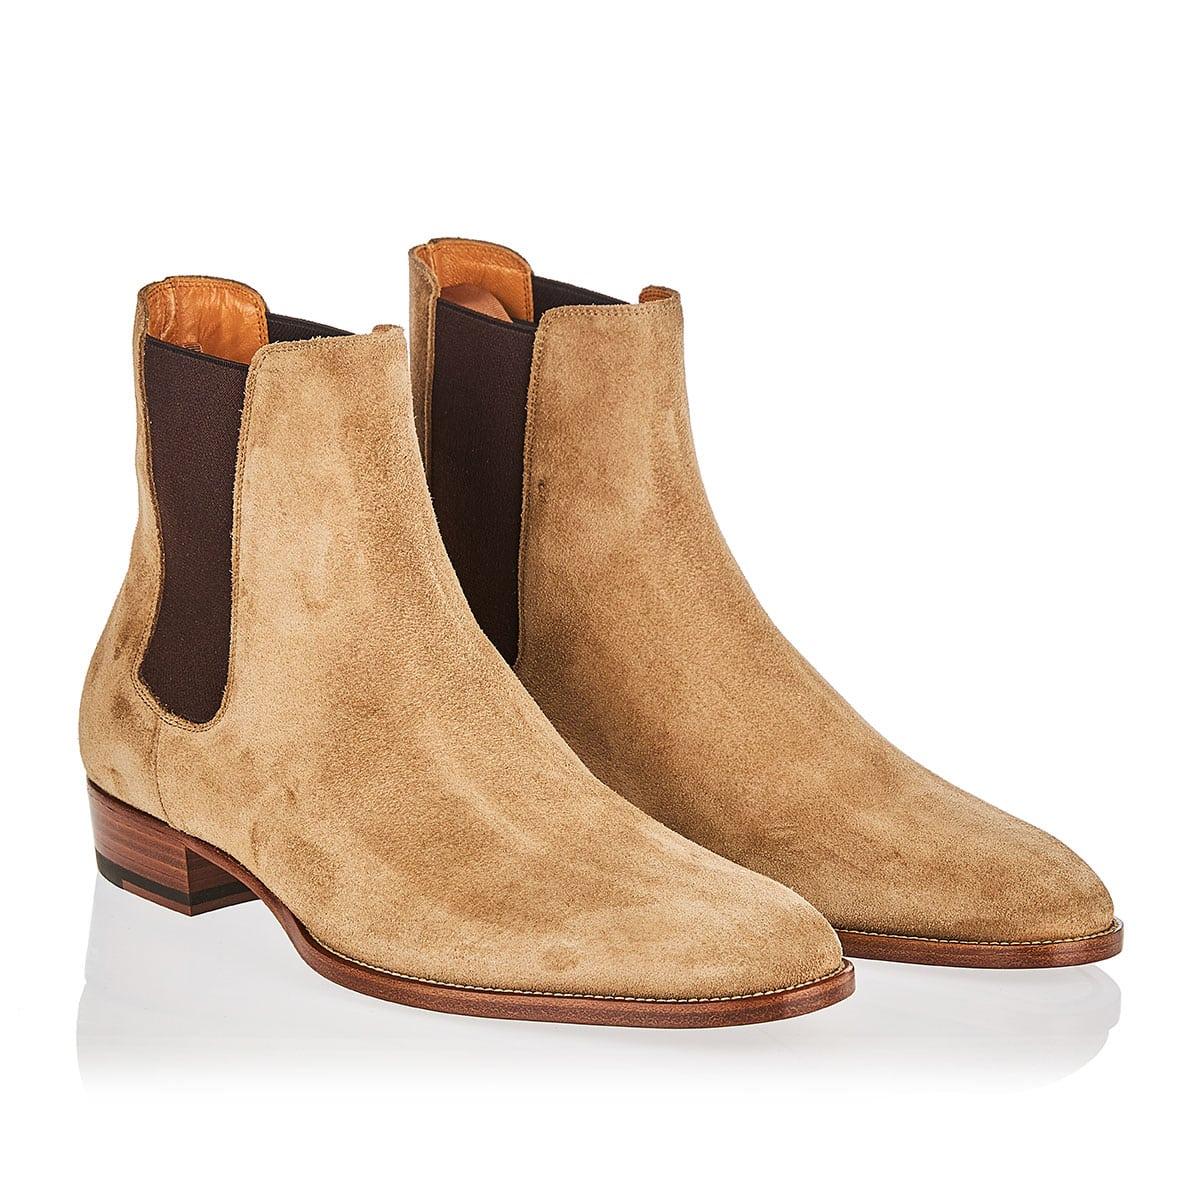 Wyatt Chelsea suede boots